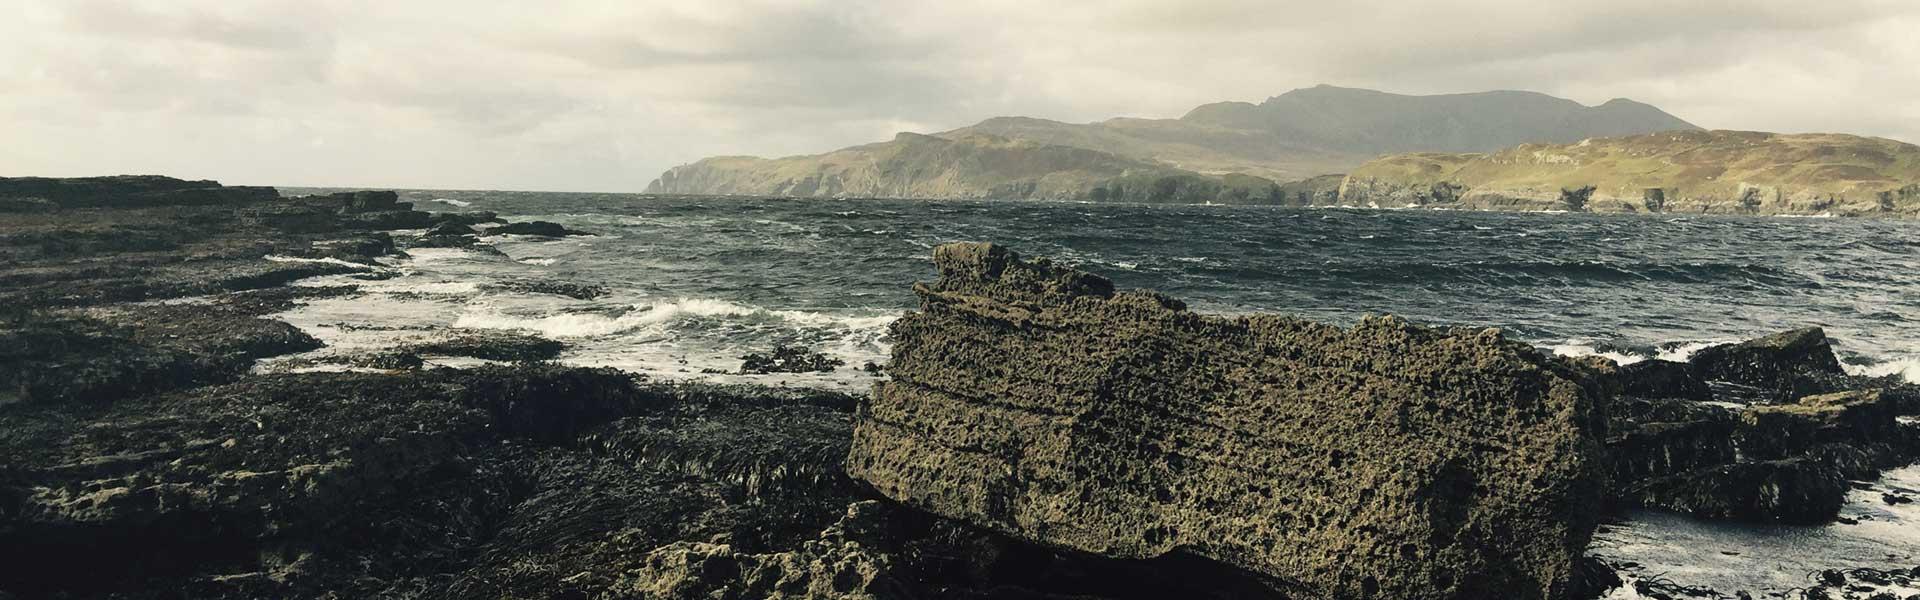 Meeresalgen Schadstoffe Irland